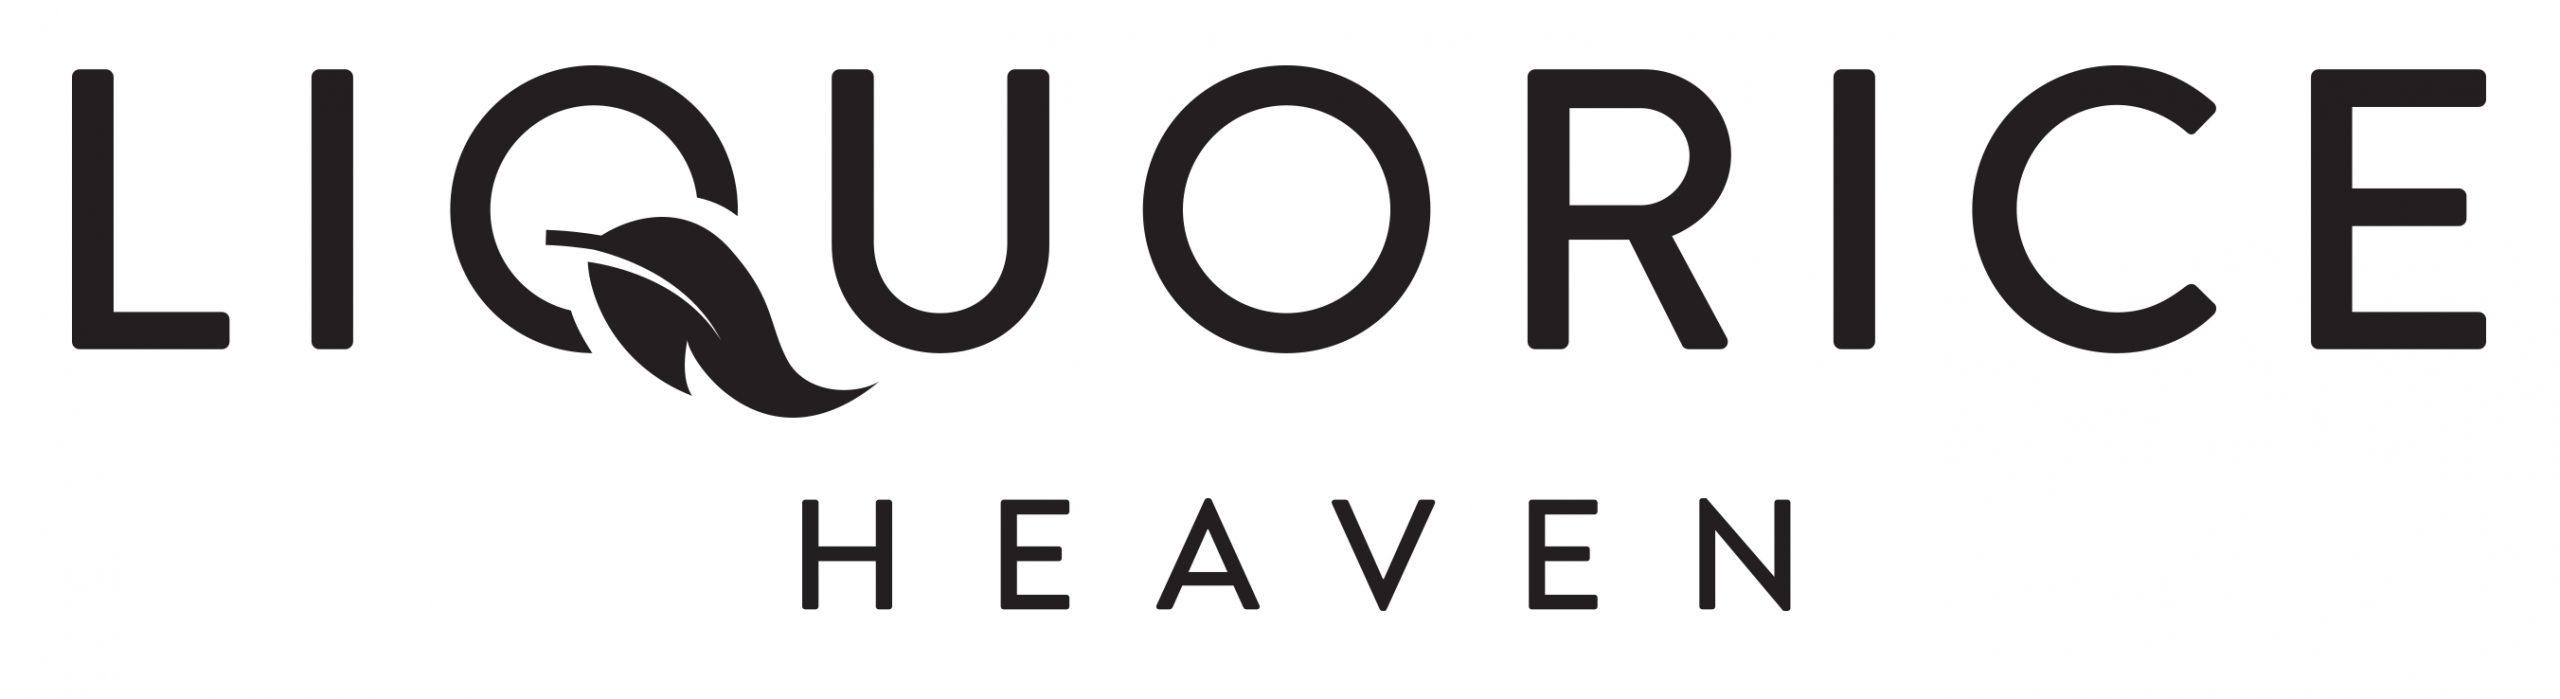 liquorice heaven logo